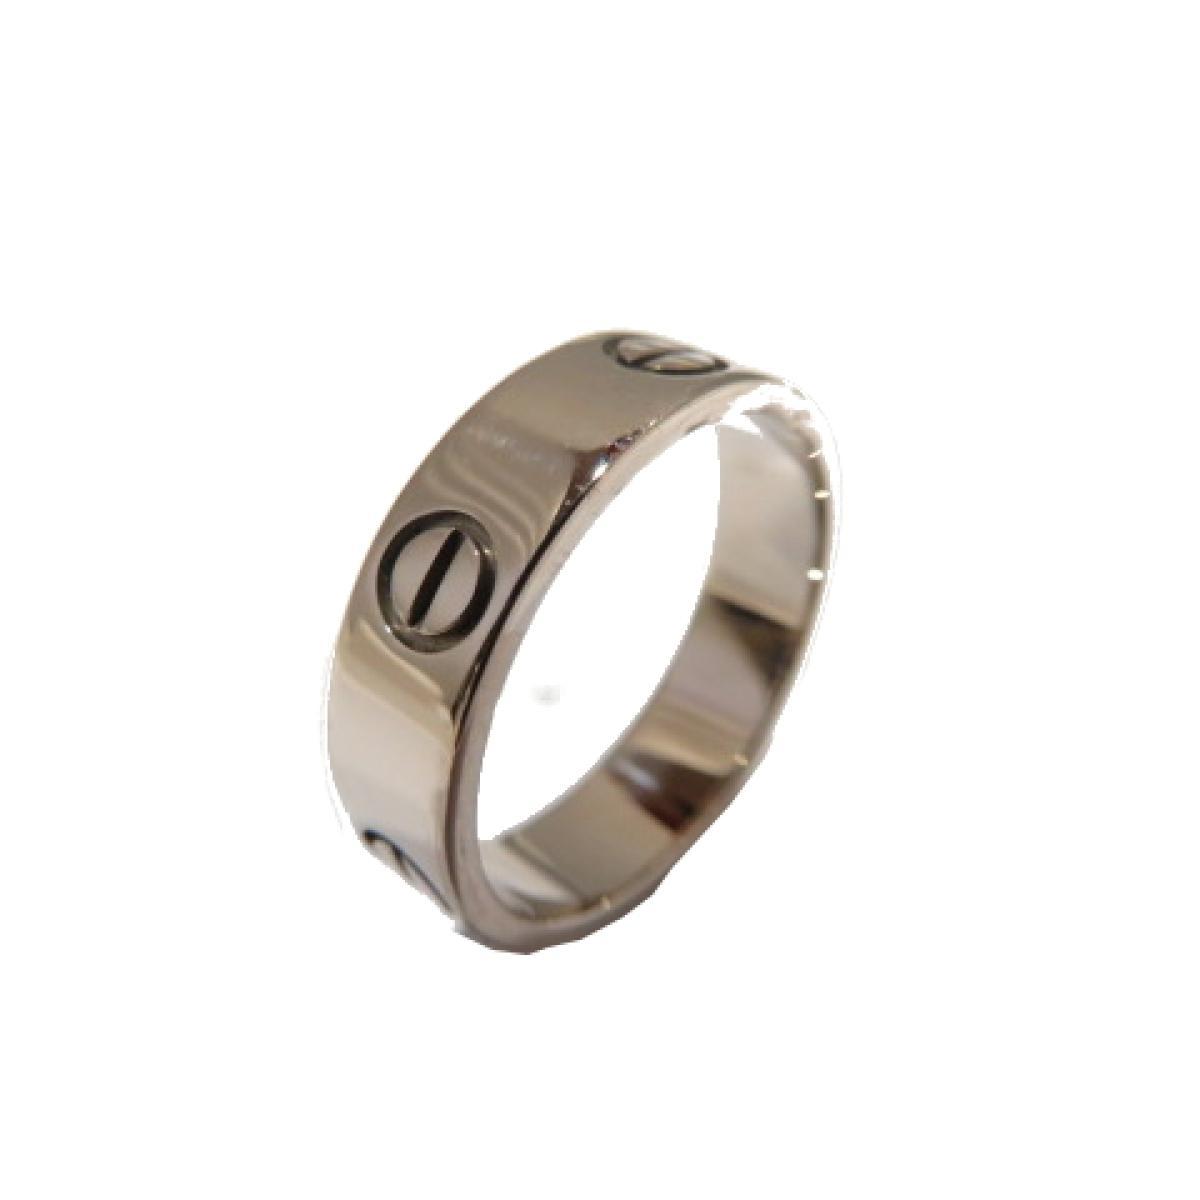 【ポイント5倍!】Cartier(カルティエ)/ラブリング リング 指輪/リング/シルバー系/K18WG(750)ホワイトゴールド/【ランクA】/#57/16.5号【中古】